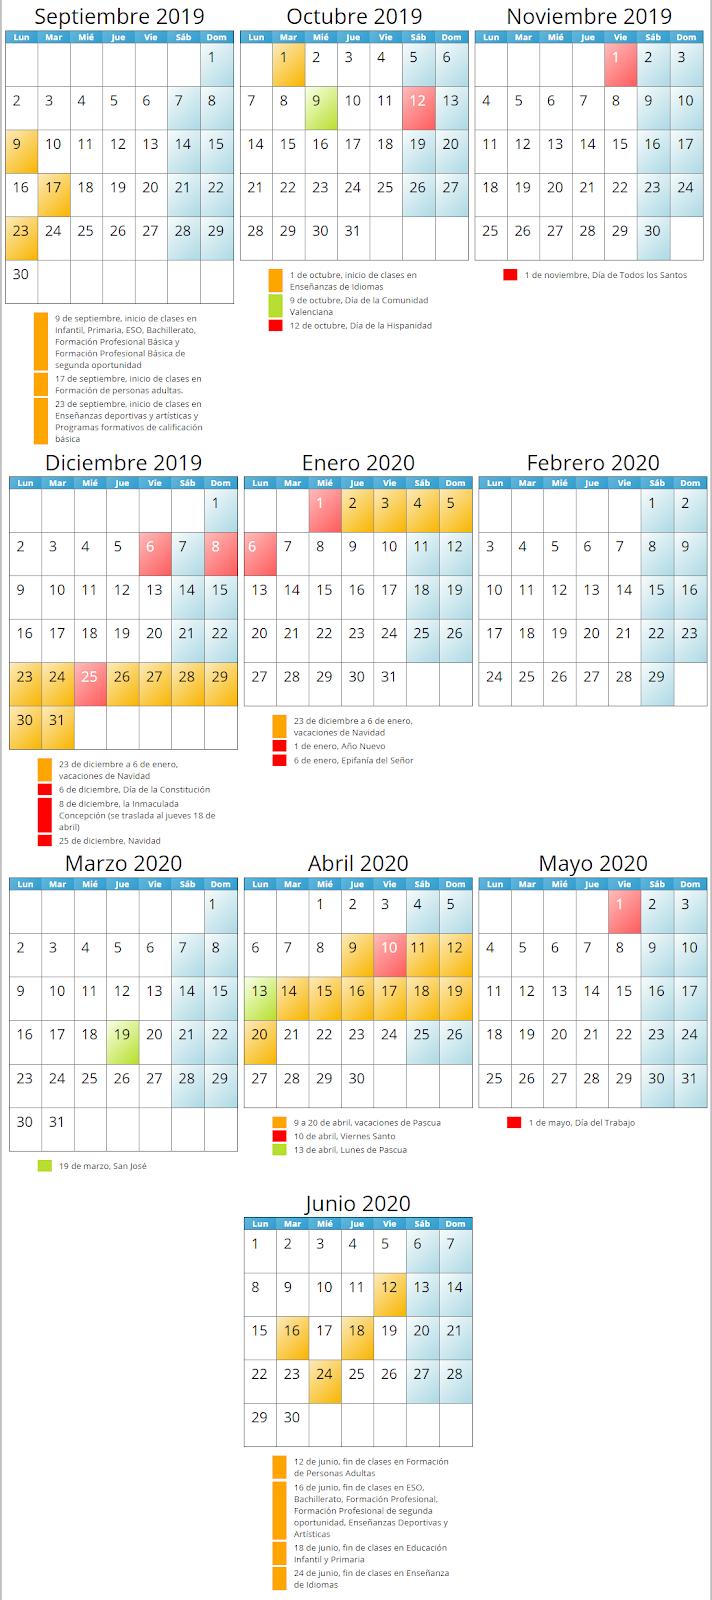 Calendario Escolar 2020 2020 Comunidad Valenciana.Ceip Joan Fuster Calendario Escolar 2019 2020